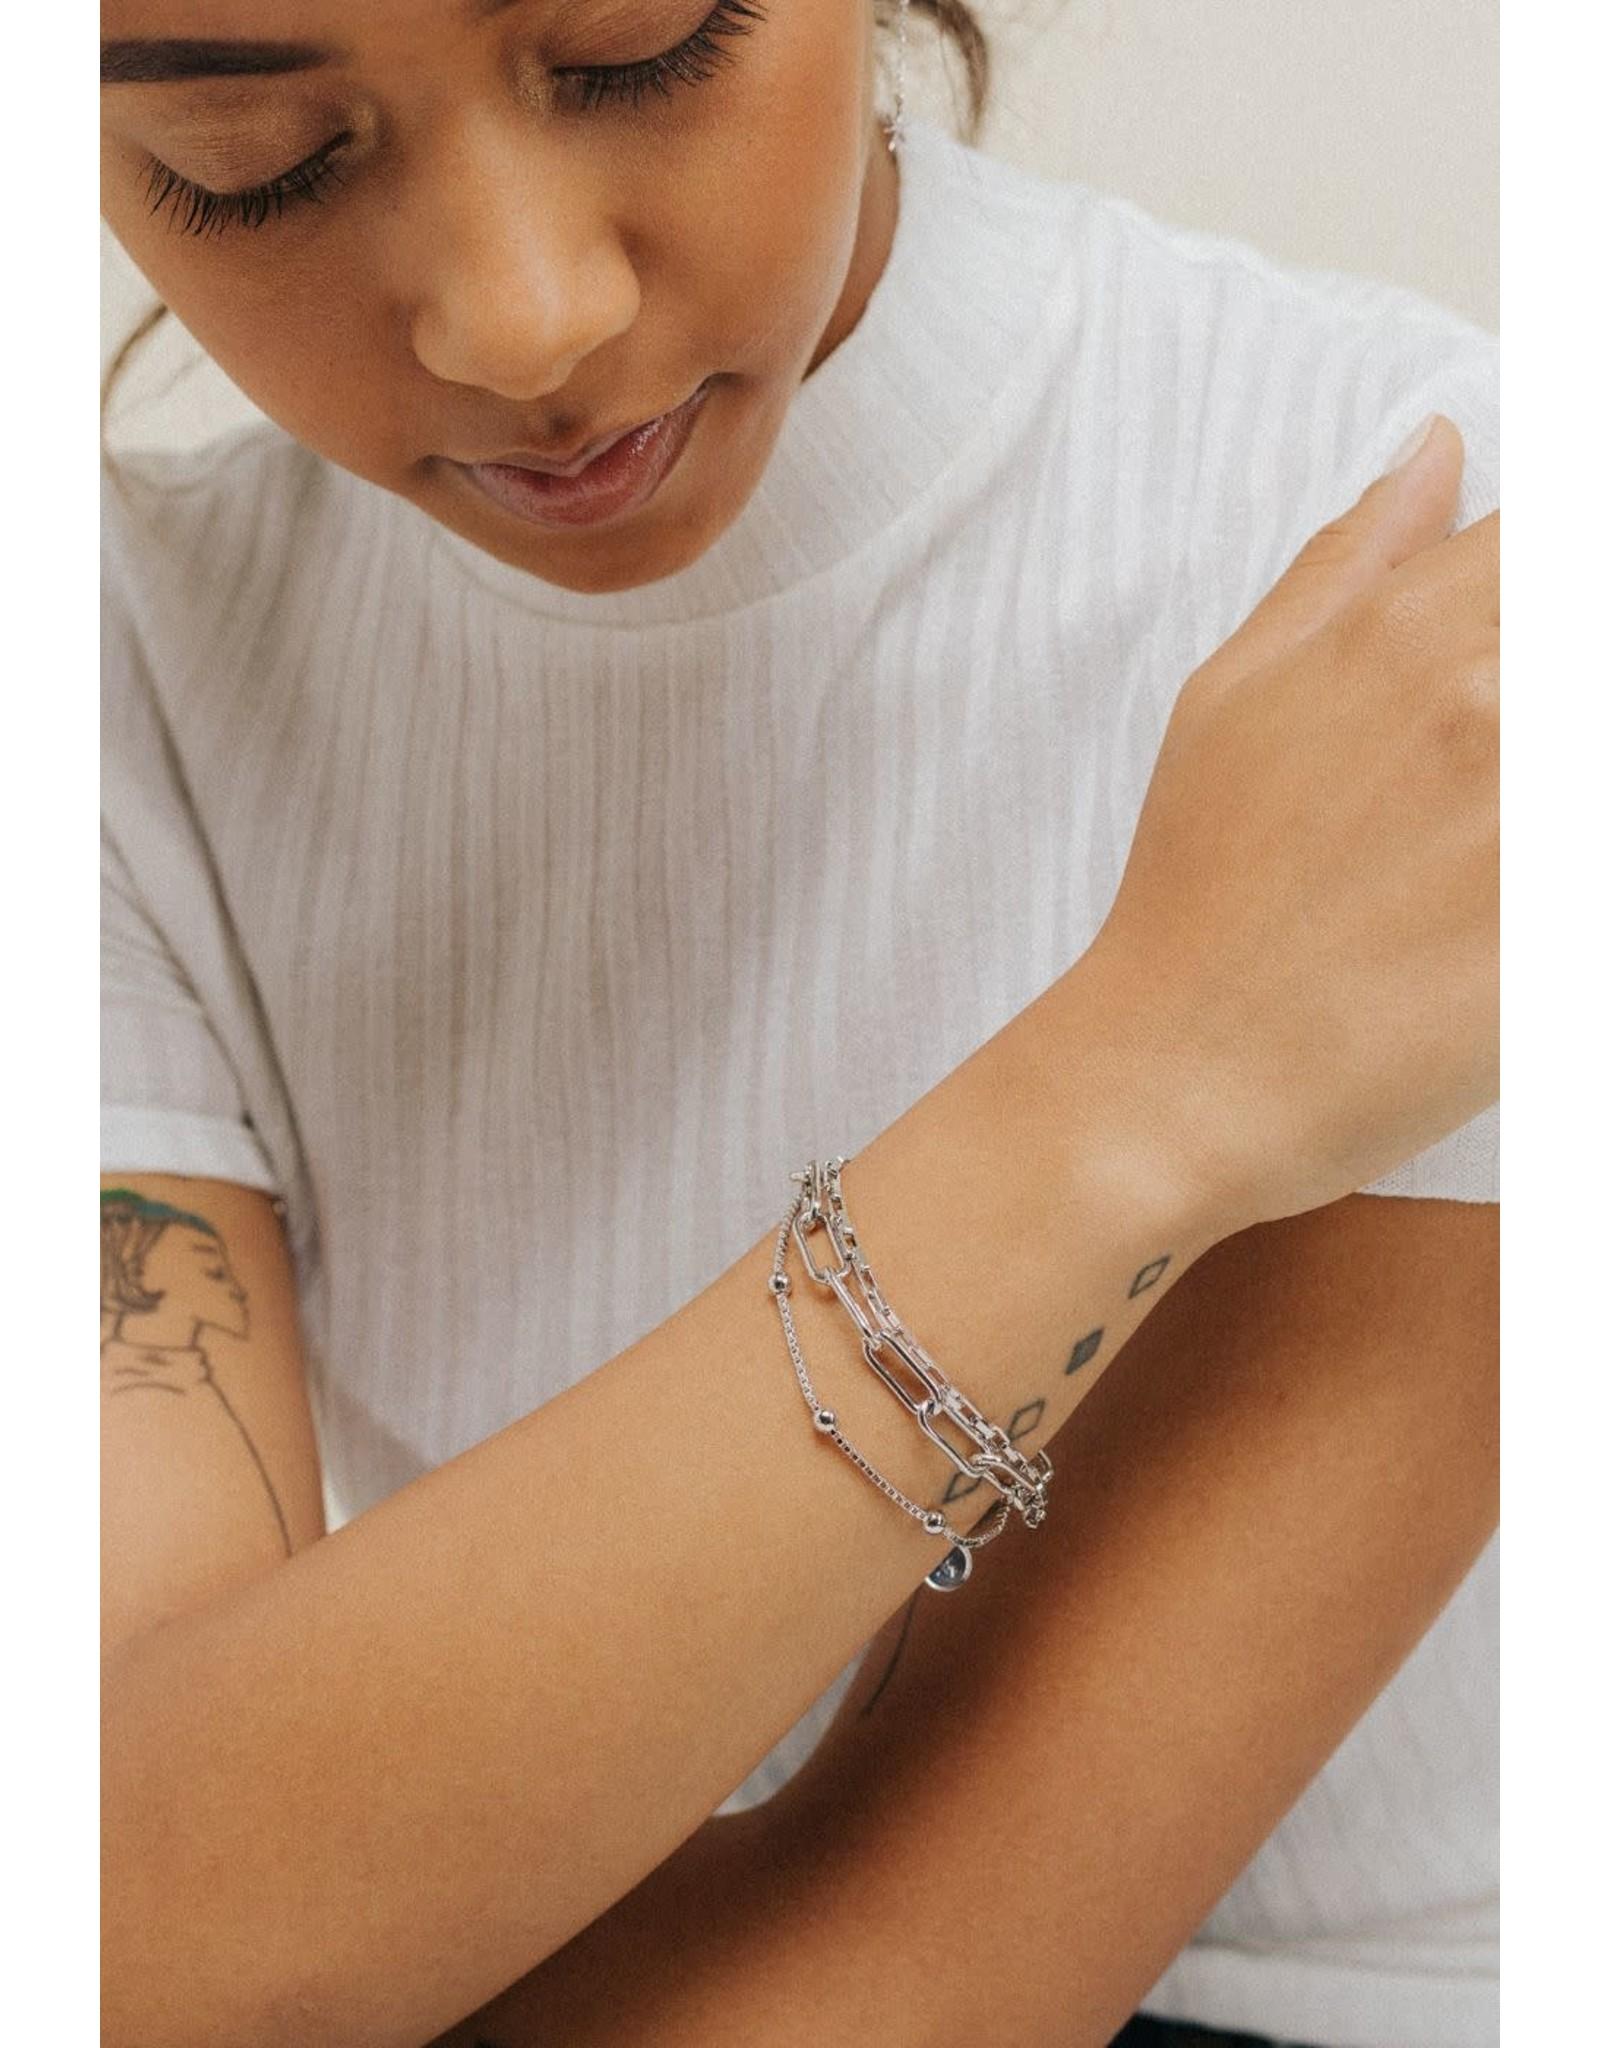 Lover's Tempo Shay Bracelet - Silver